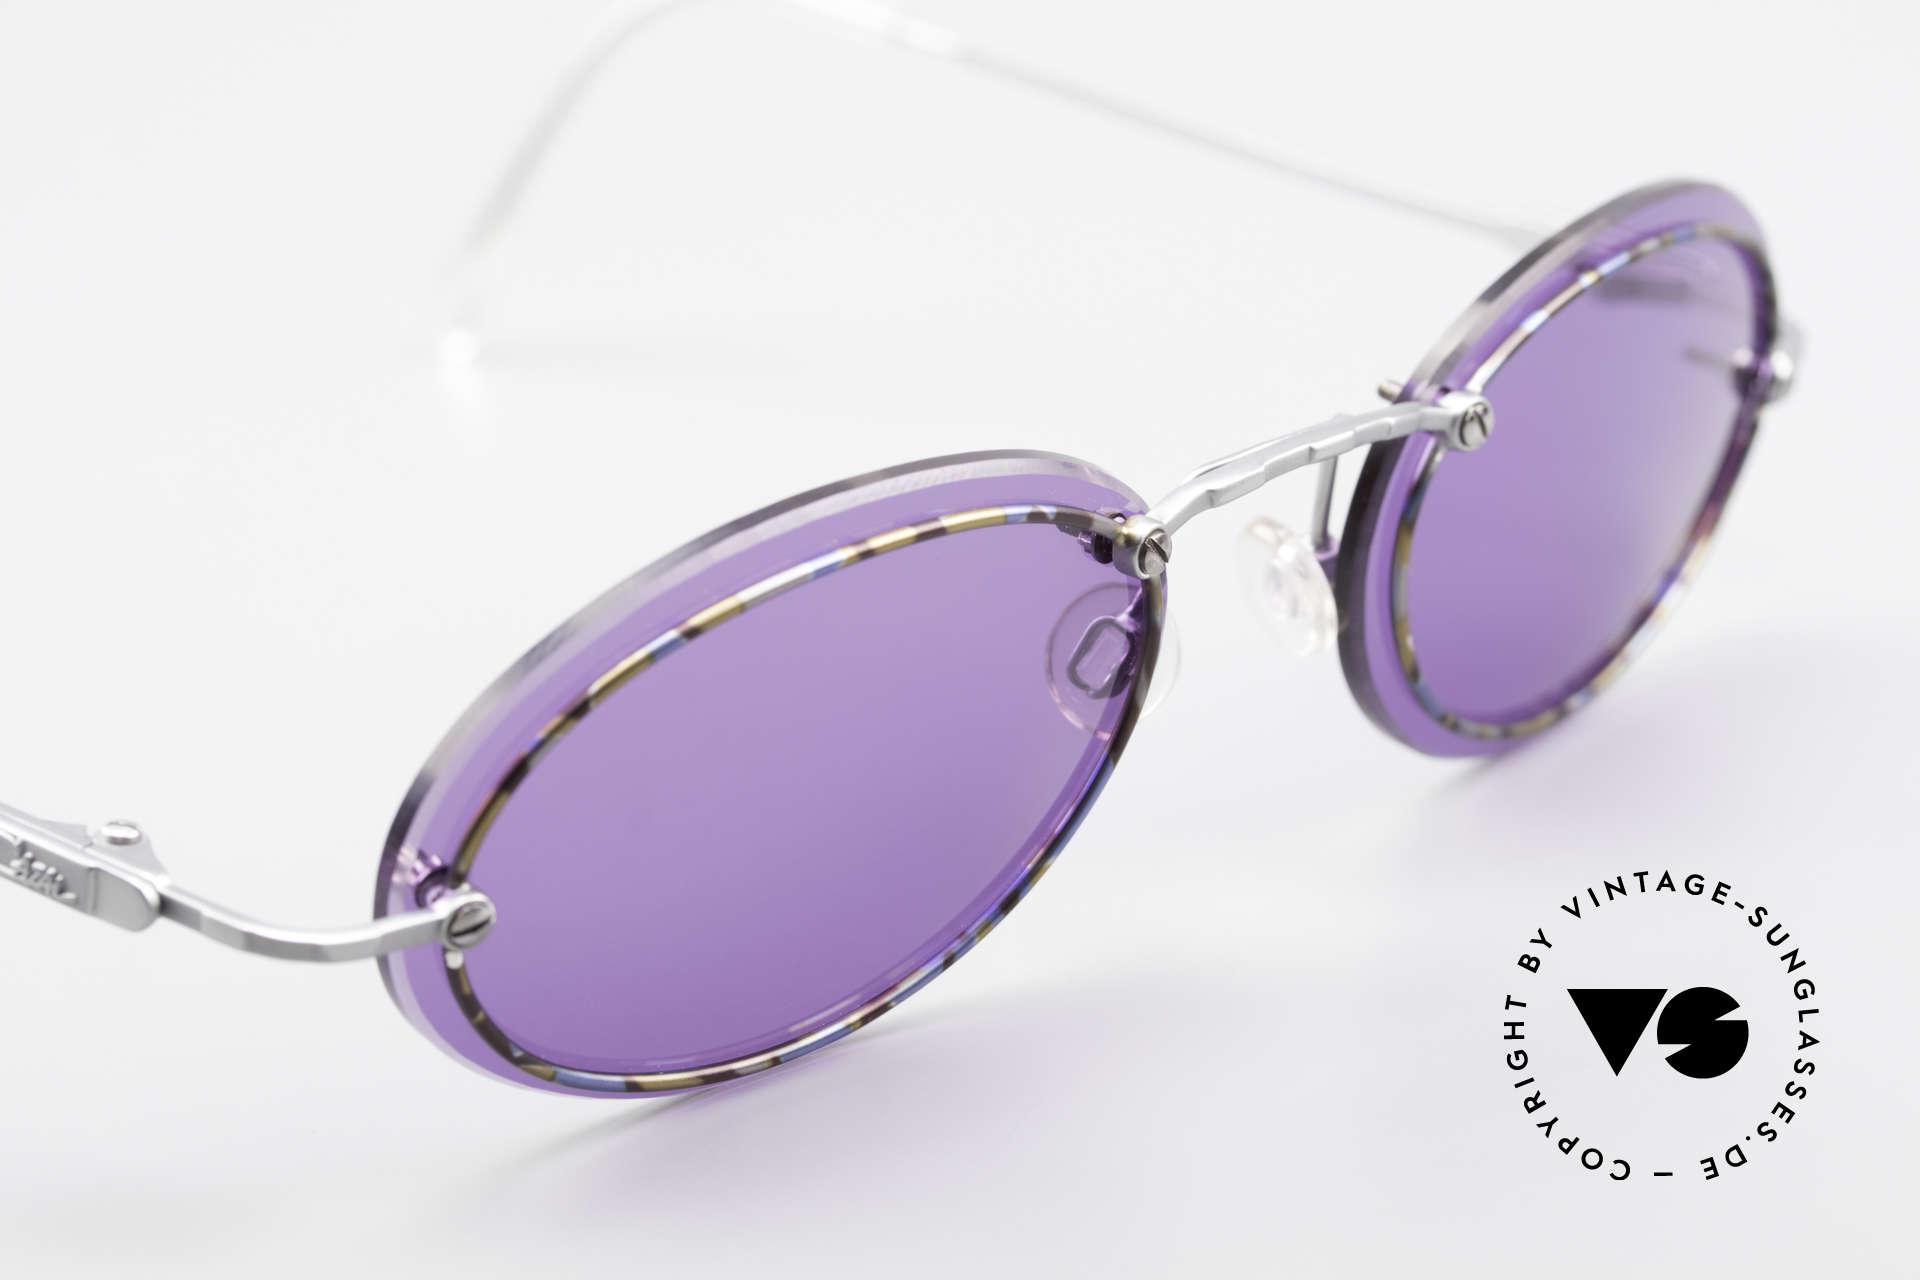 Cazal 770 Oval Vintage Sonnenbrille 90er, KEINE Retrobrille, sondern ein echtes 90er ORIGINAL, Passend für Herren und Damen